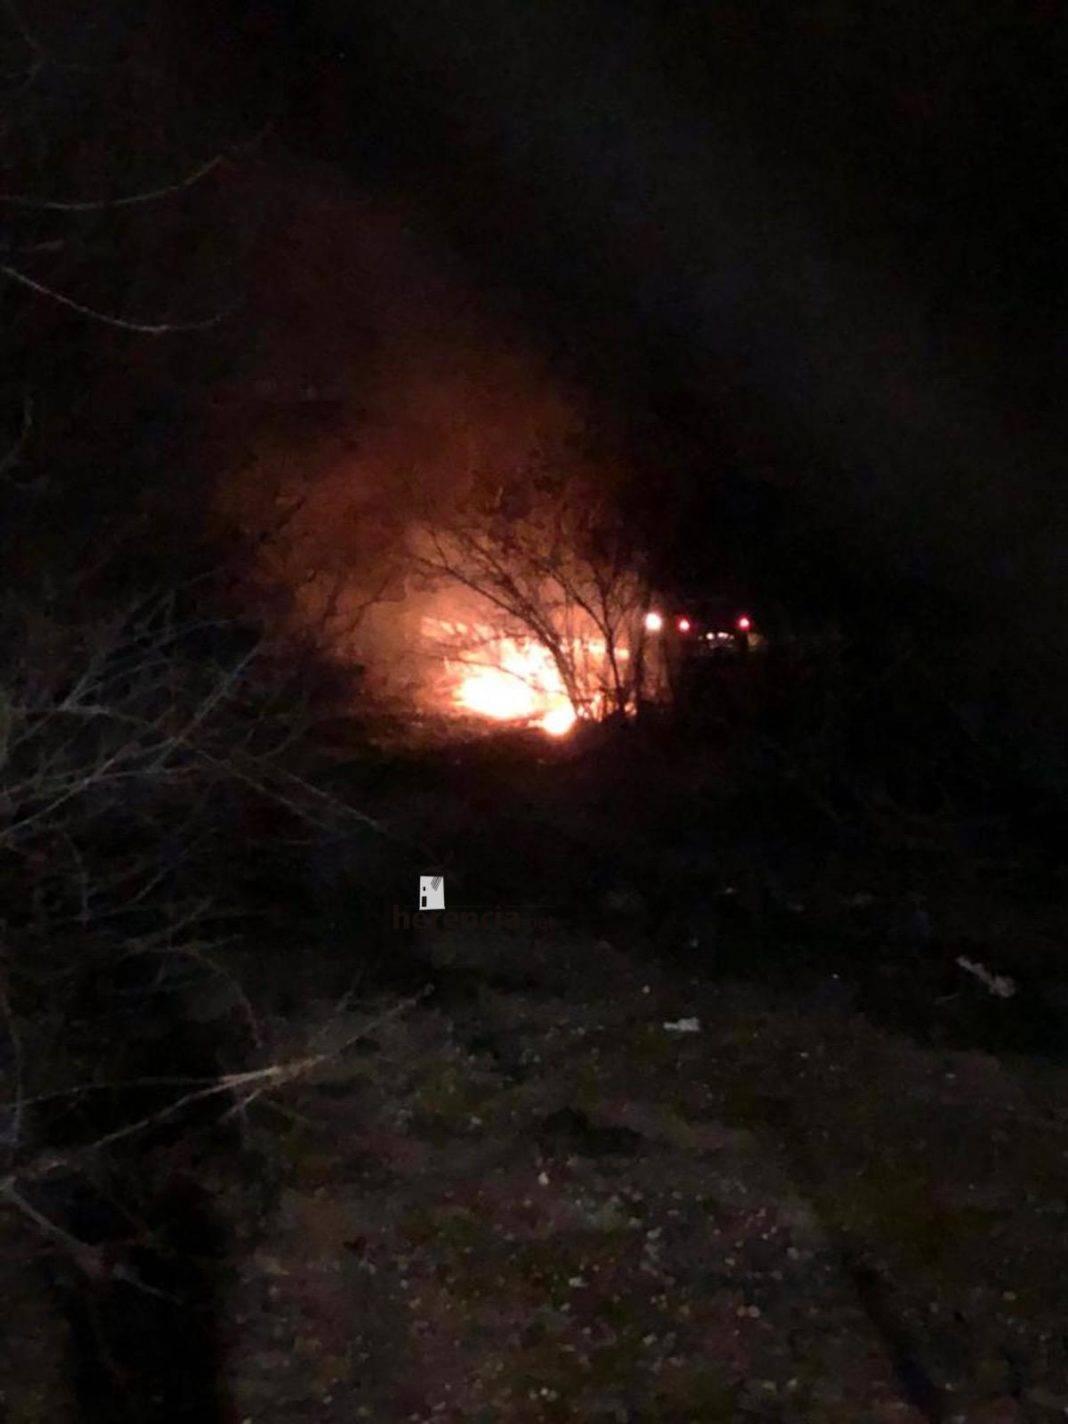 Incendio por la zona de la antigua granja de pollos en Herencia 7